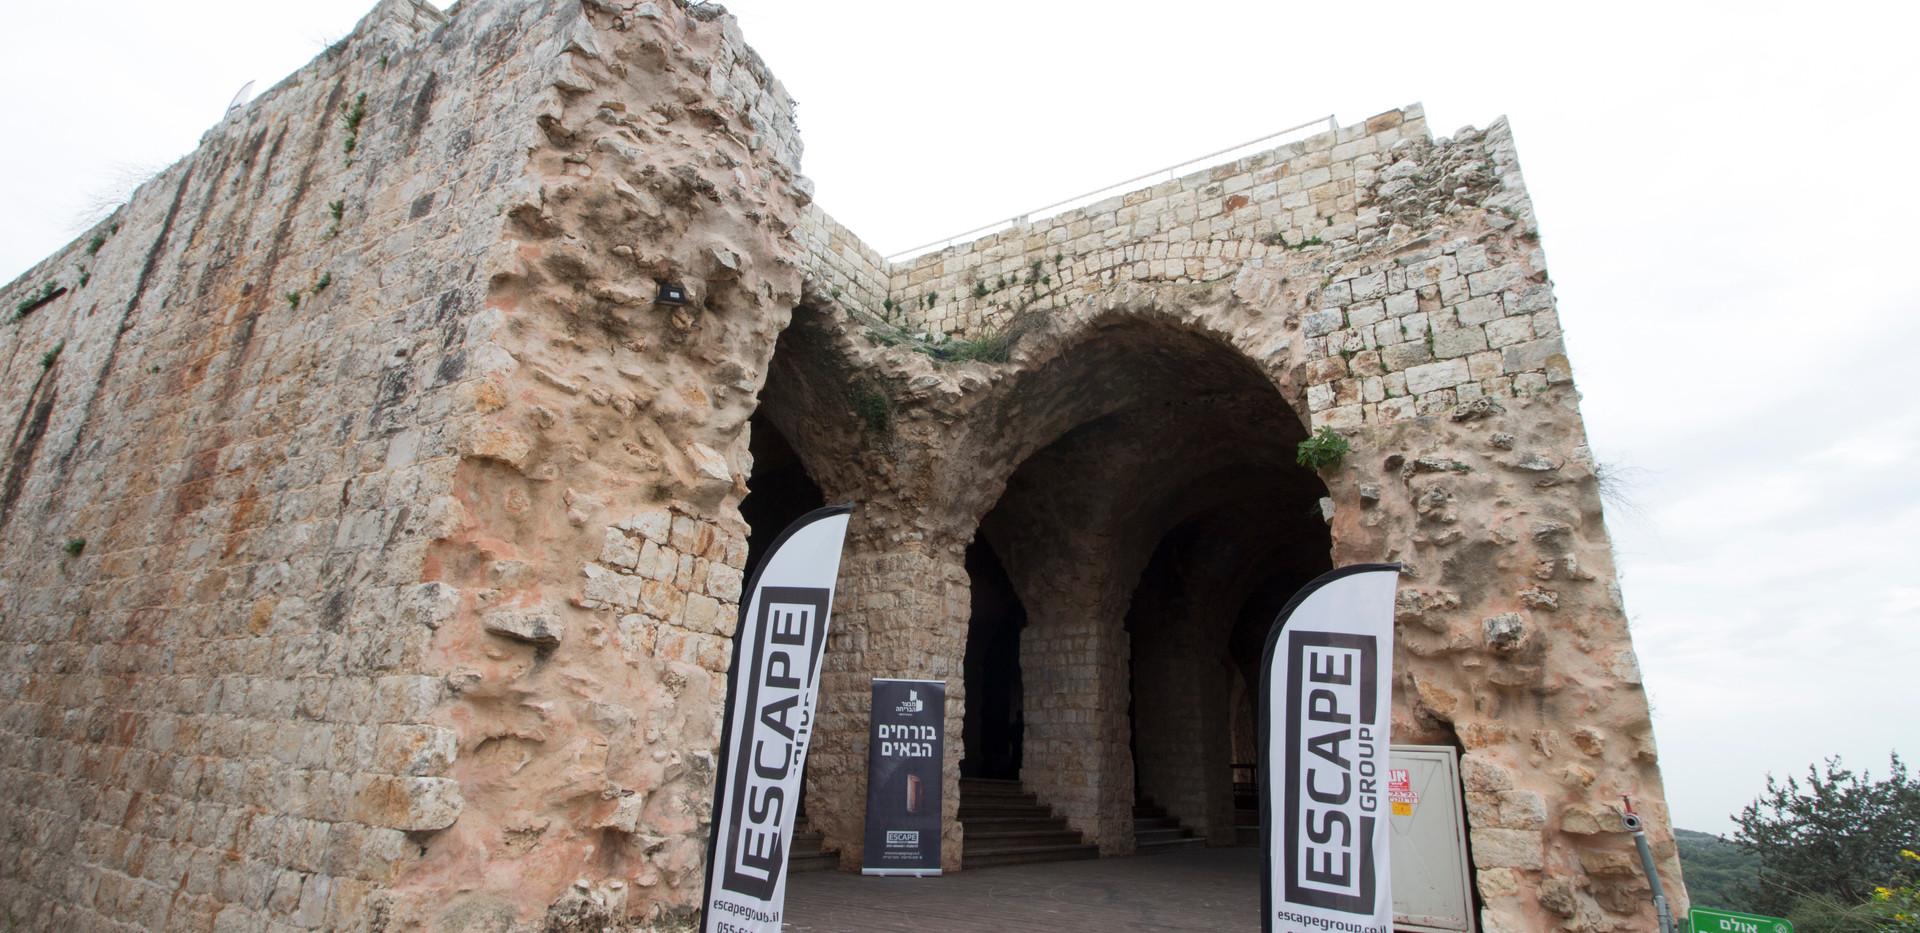 מבצר הבריחה, מבצר יחיעם